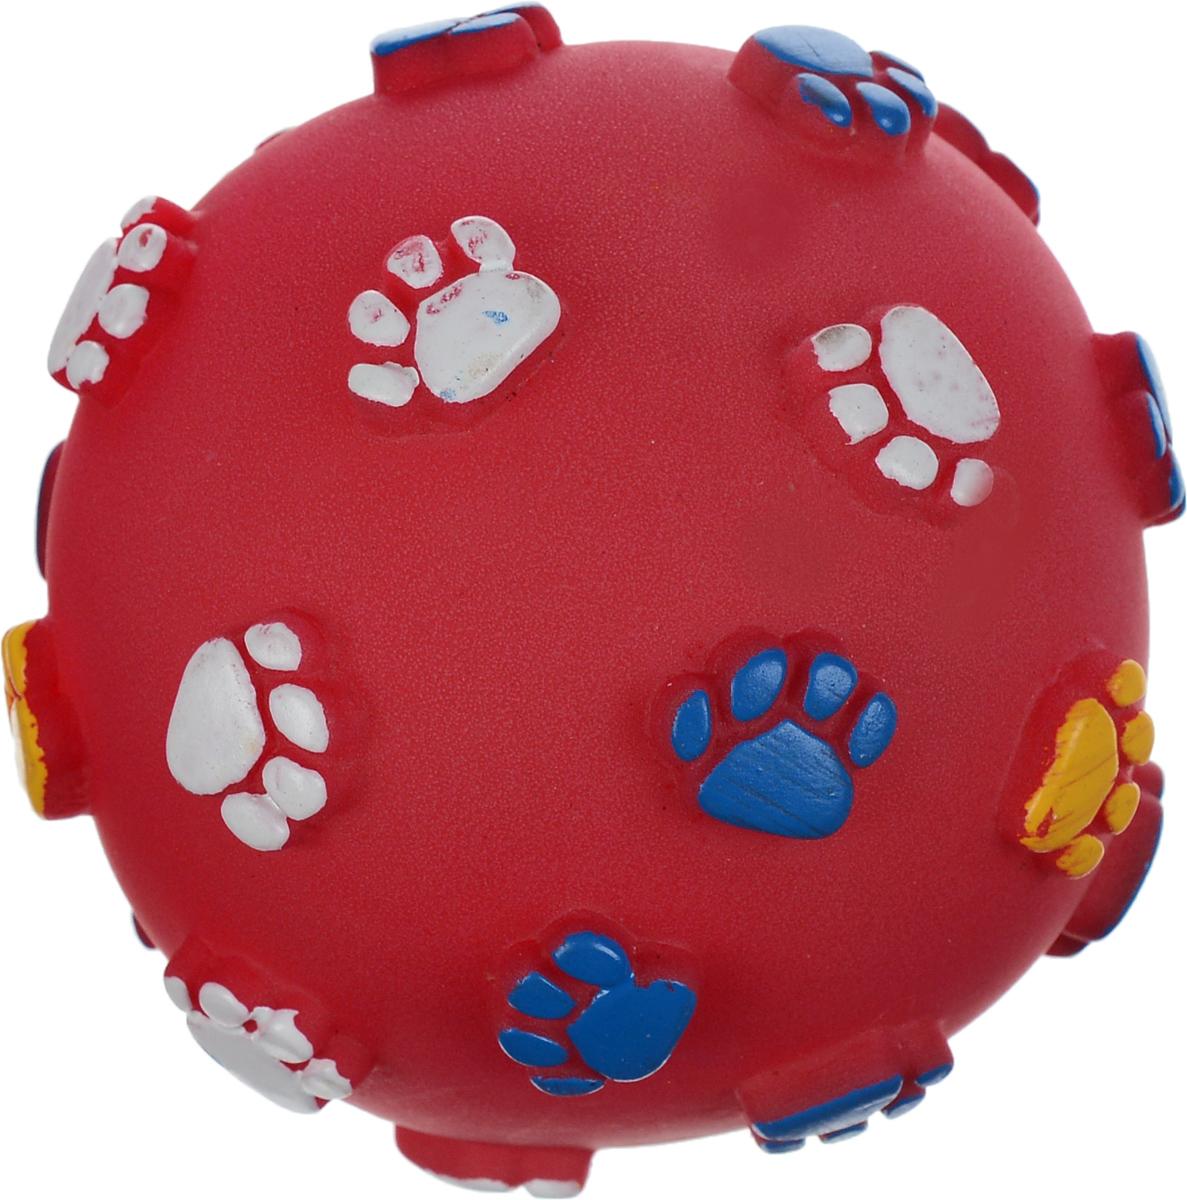 Игрушка для животных Каскад Мяч. Лапки, с пищалкой, цвет: красный, синий, желтый, диаметр 9 см игрушка для животных каскад мячик пробковый цвет зеленый 3 5 см